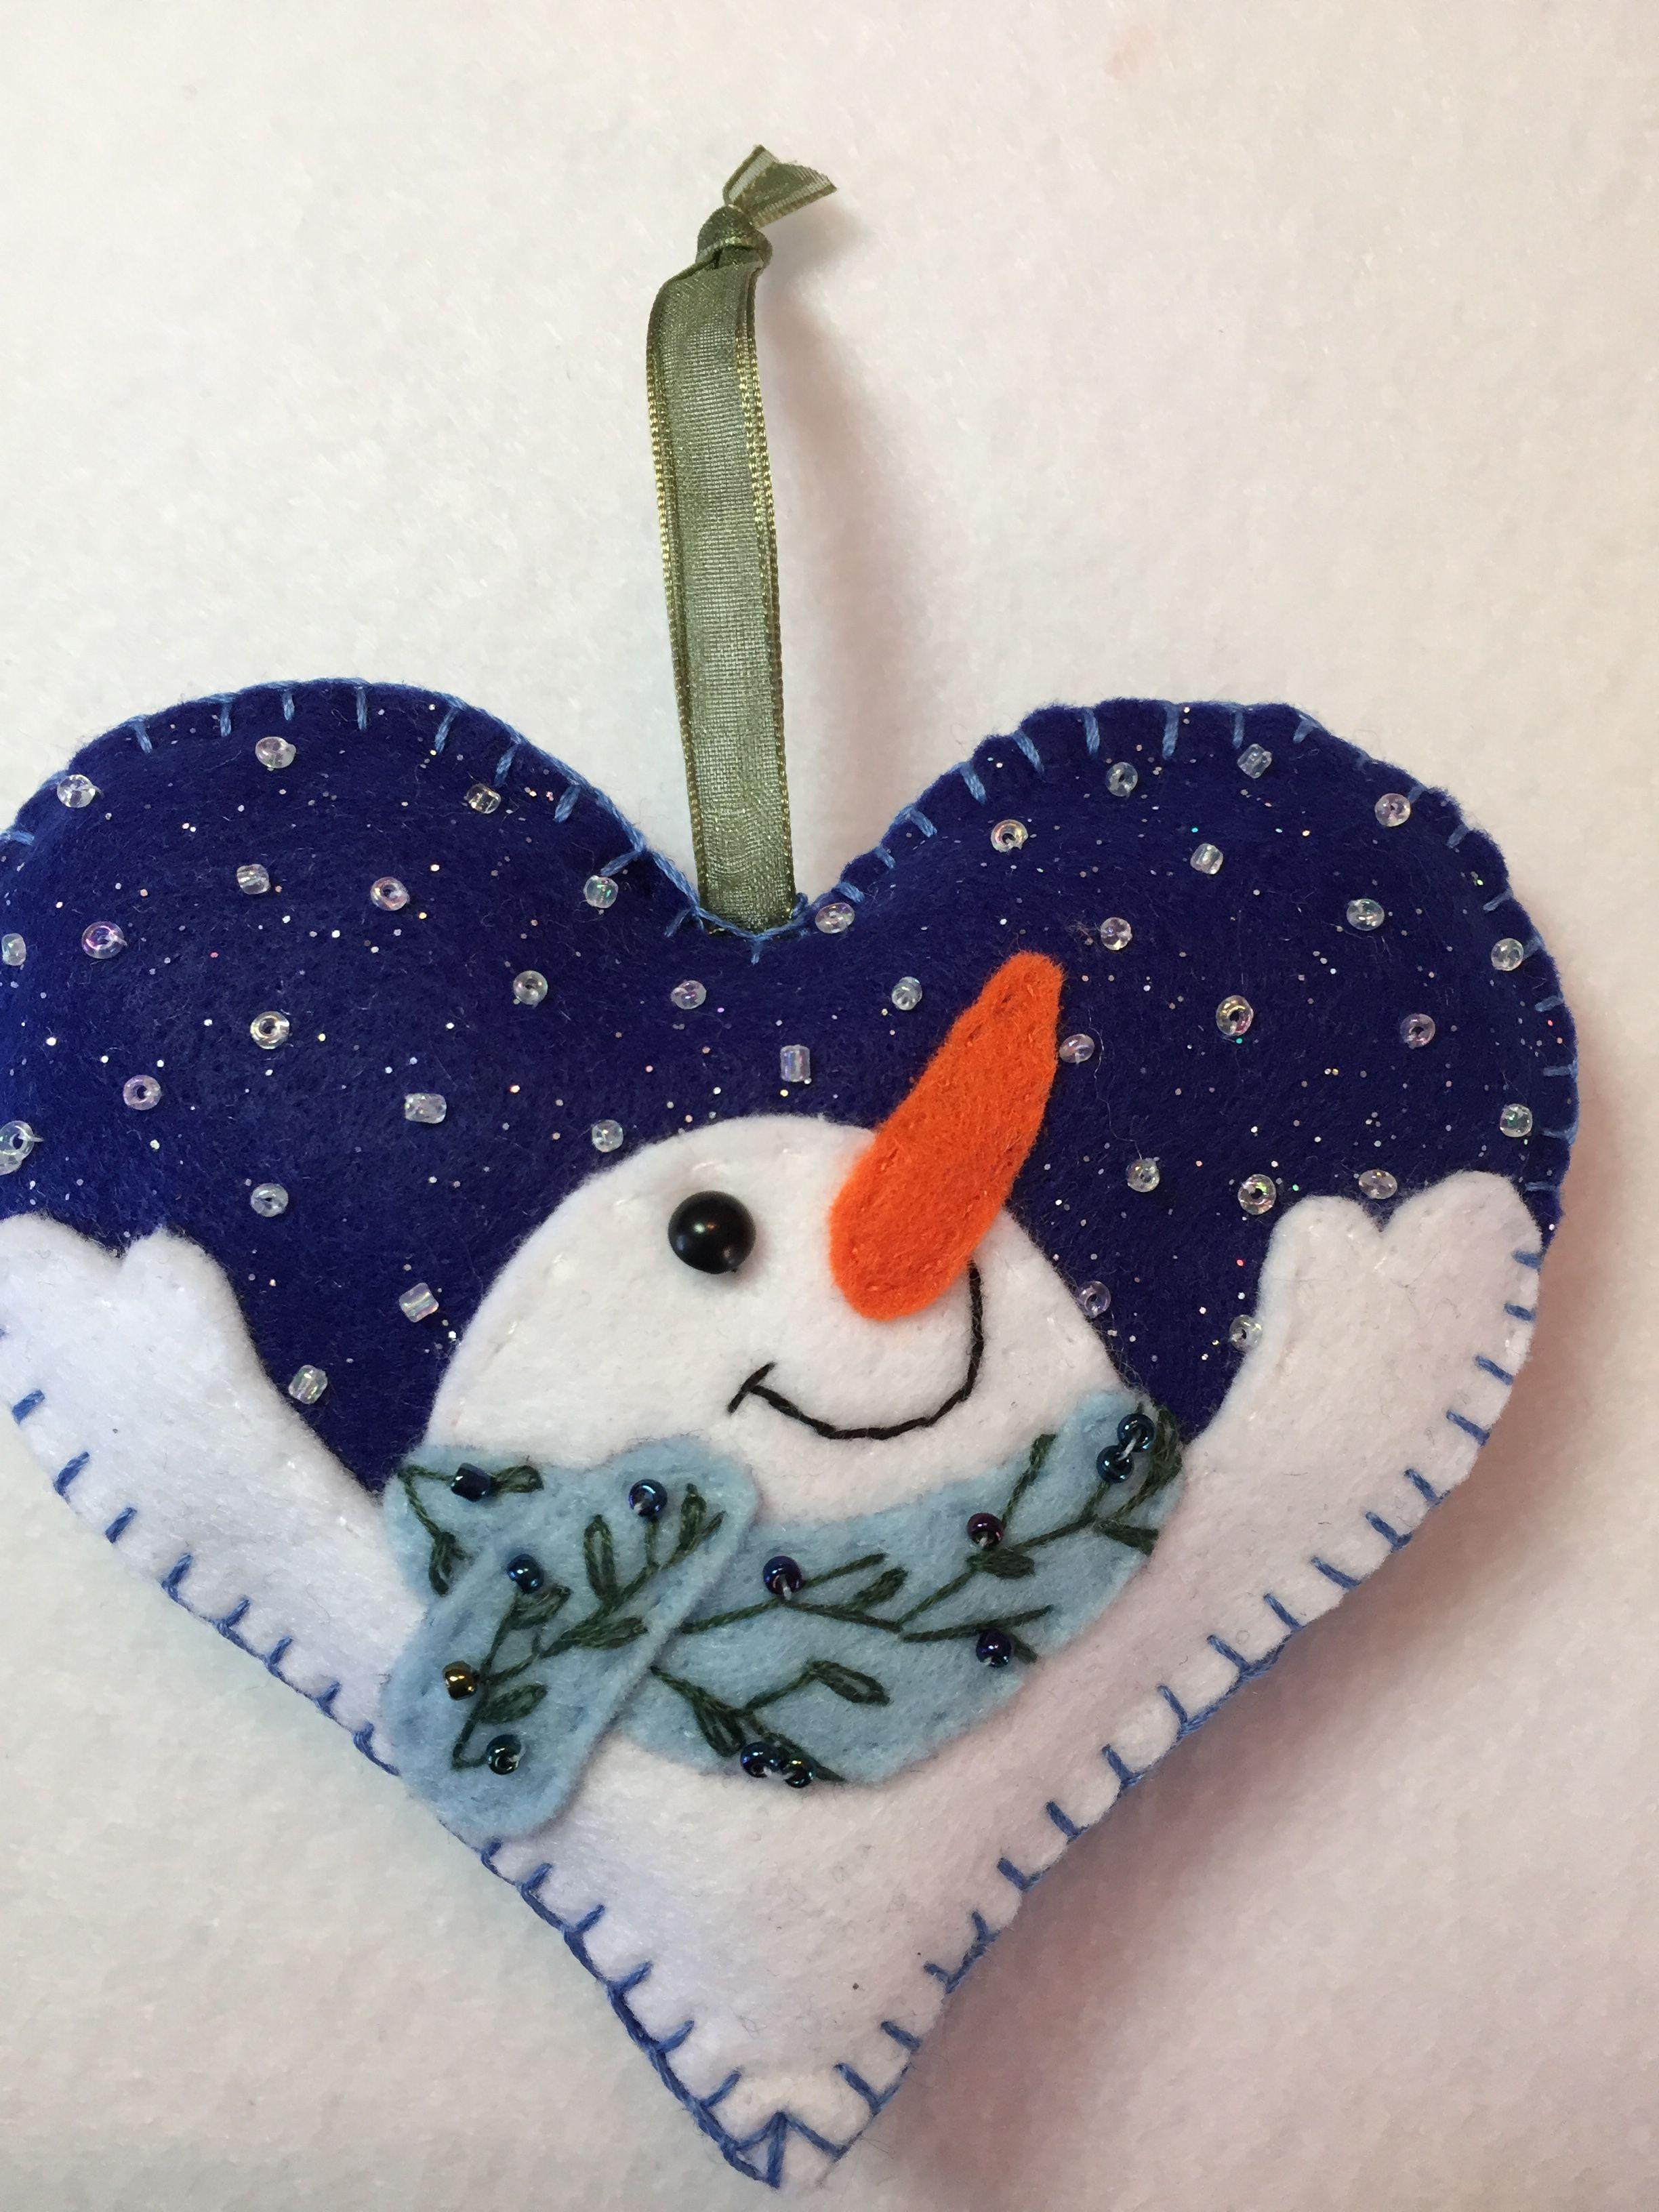 Snowman Felt Ornament Felt Ornaments Patterns Felt Crafts Christmas Felt Ornaments